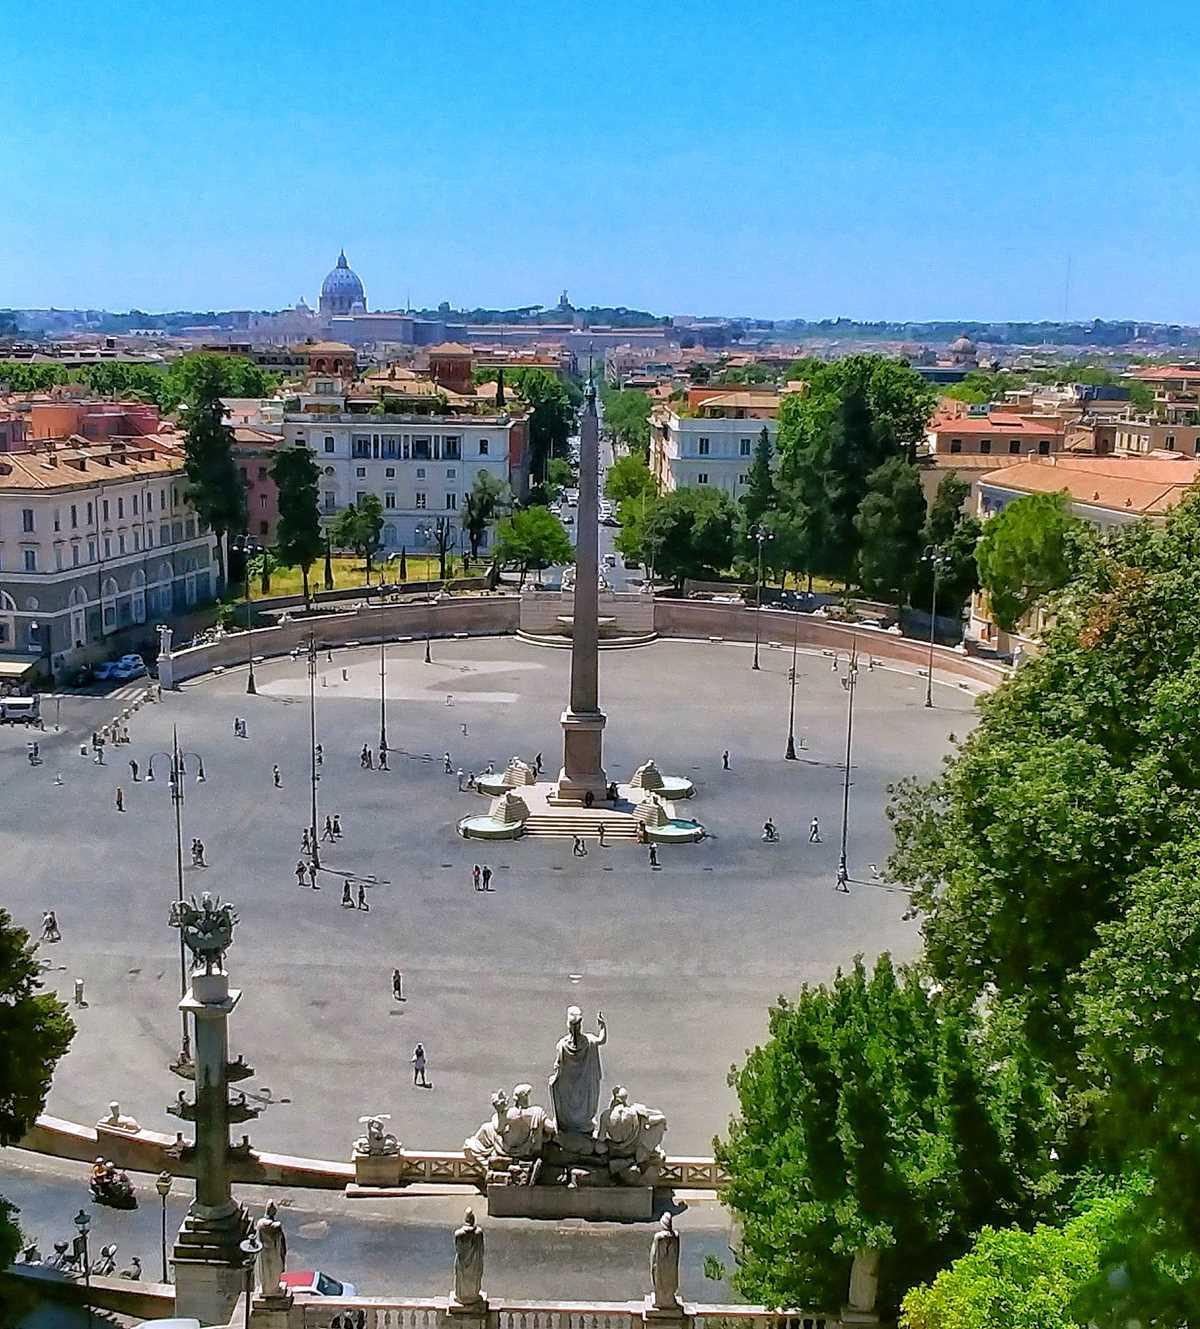 Eine der tollen Ausblick auf die Altstadt von Rom, hier von der Terrazza del Pincio